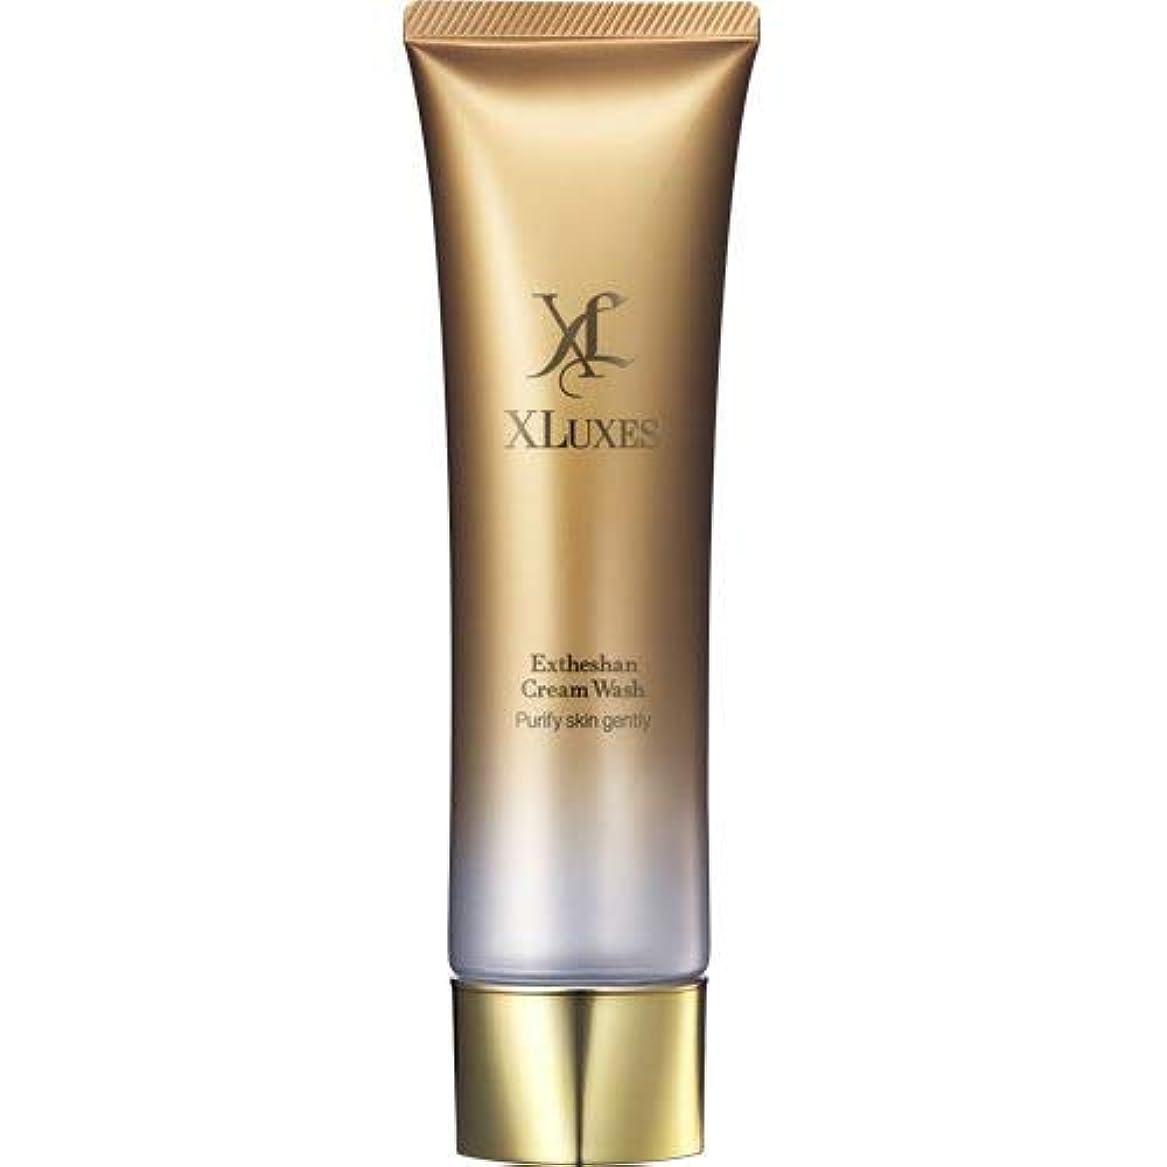 プロトタイプ着実に素晴らしいですXLUXES 美容液洗顔 [ヒト幹細胞 培養液配合] エグゼティシャン クリームウォッシュ (ダマスクローズの香り)